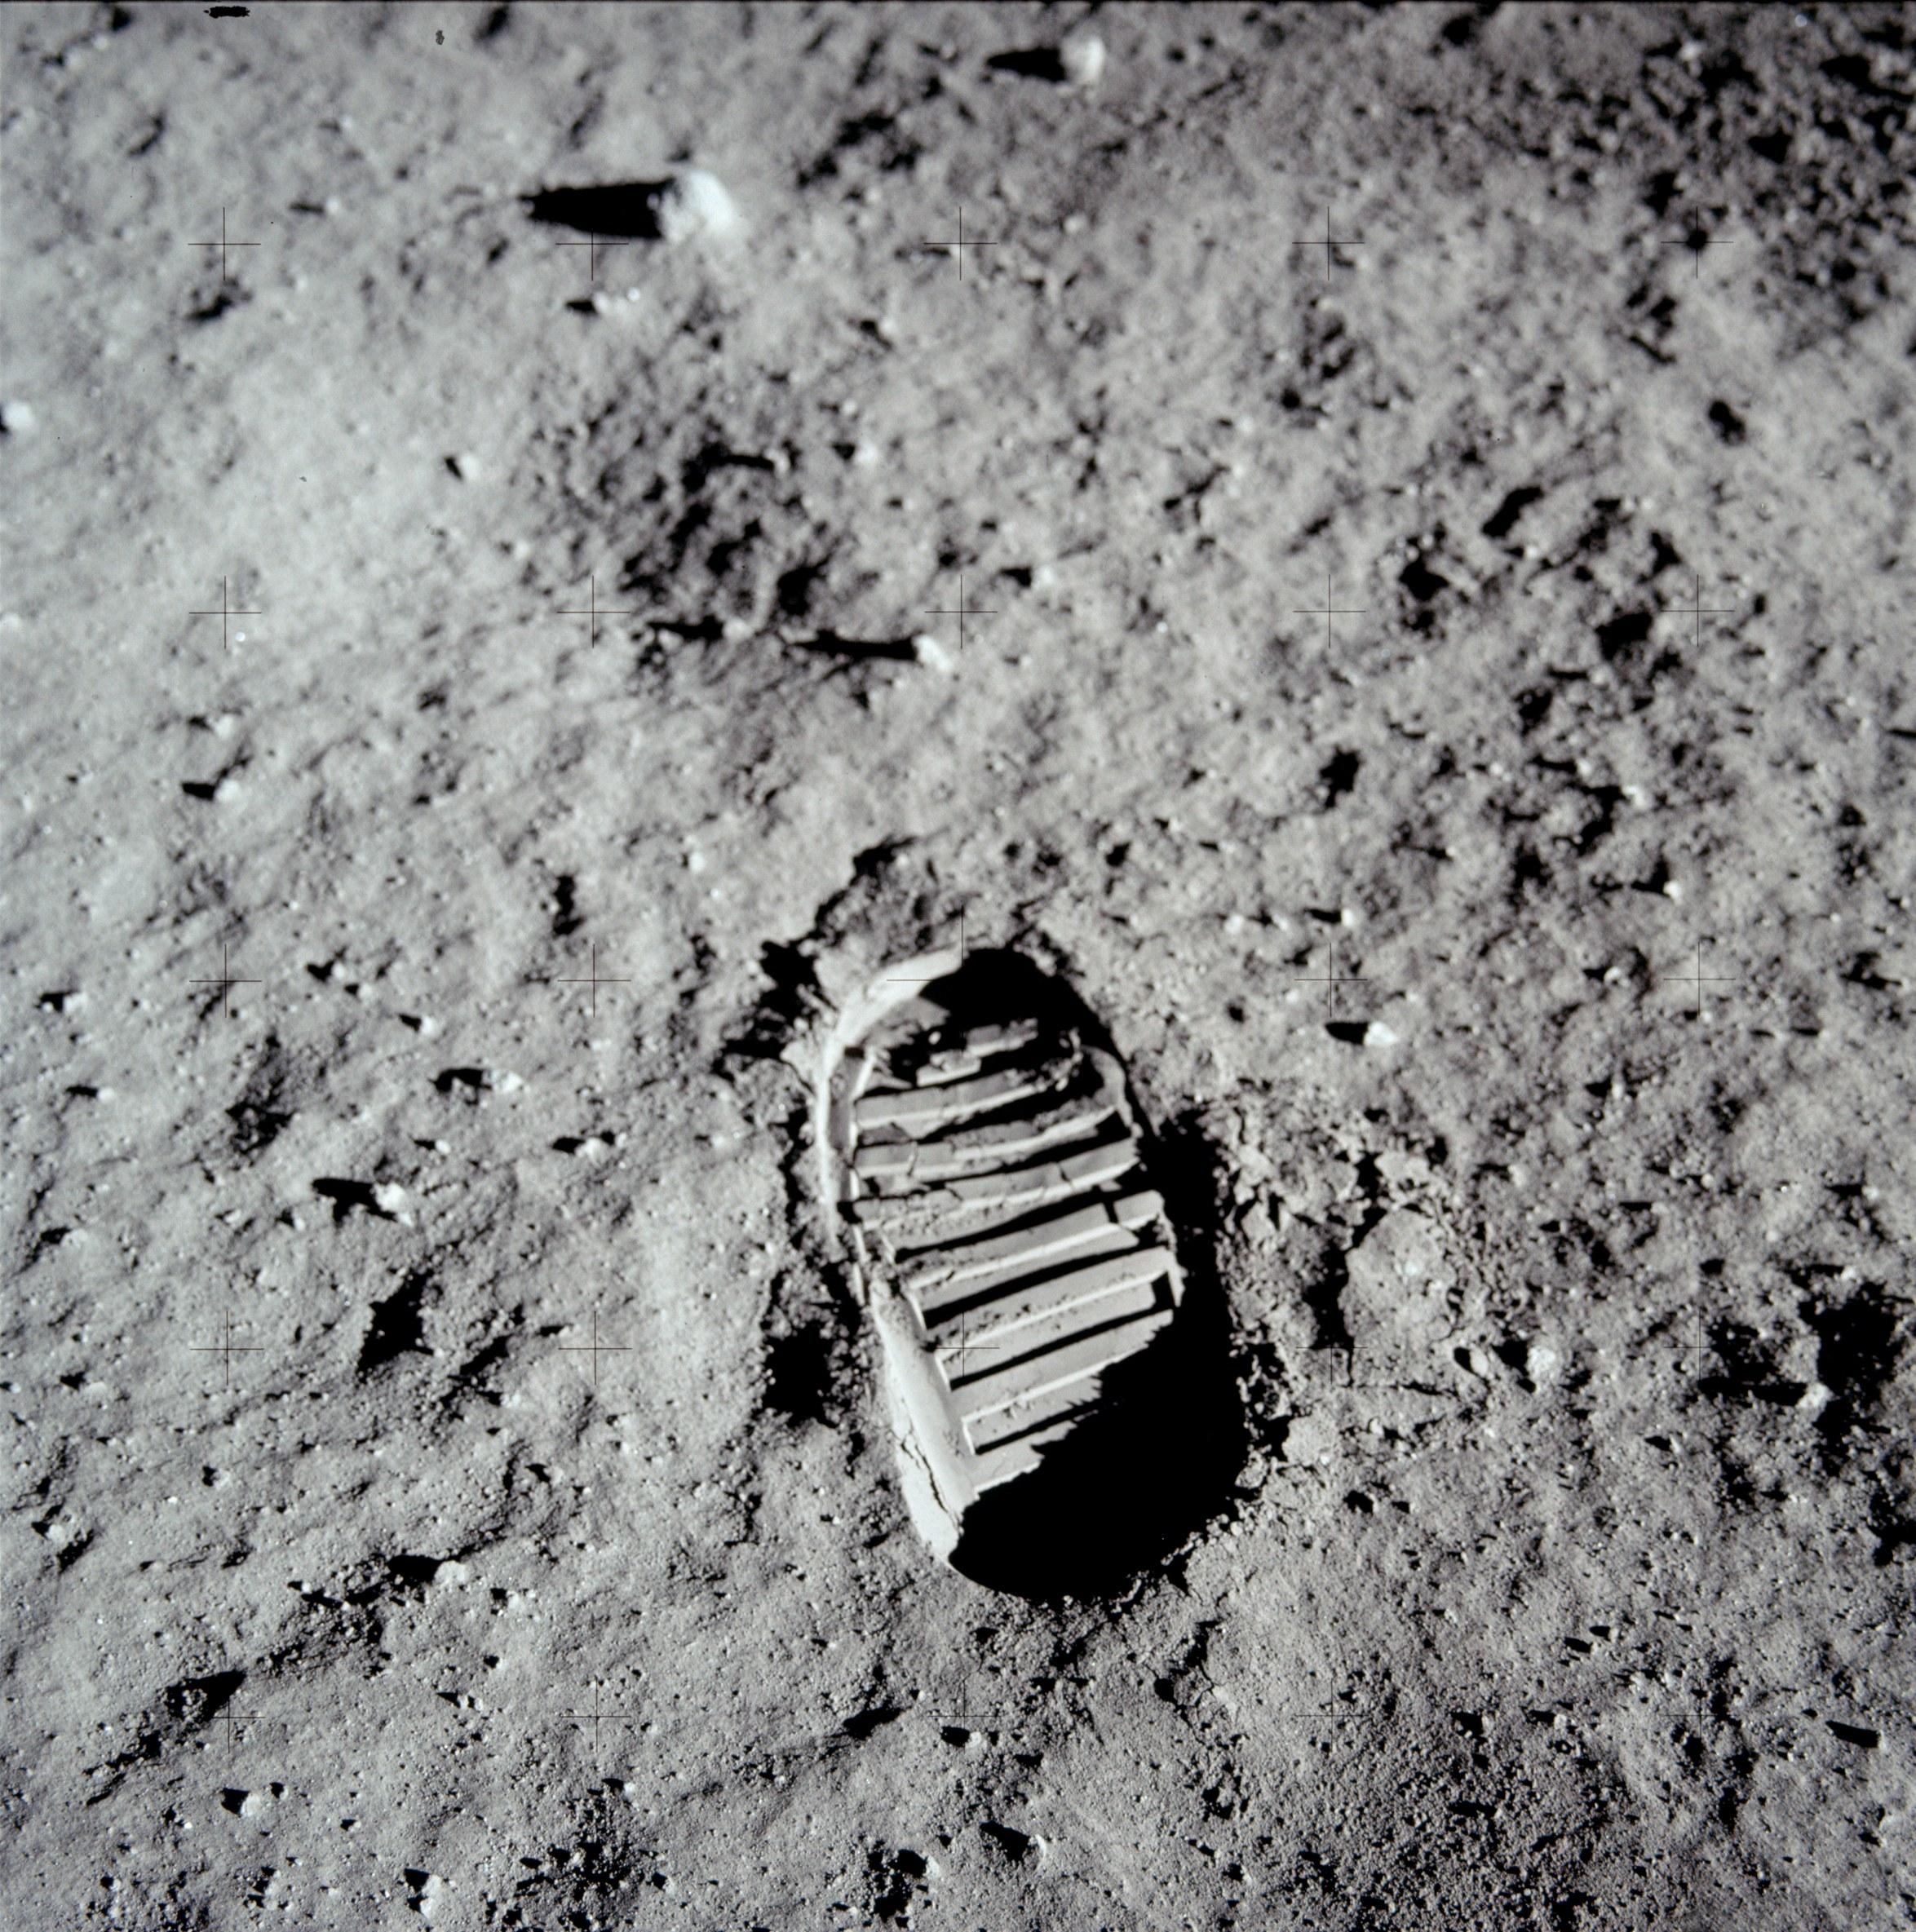 Aldrin Boot Print on Moon